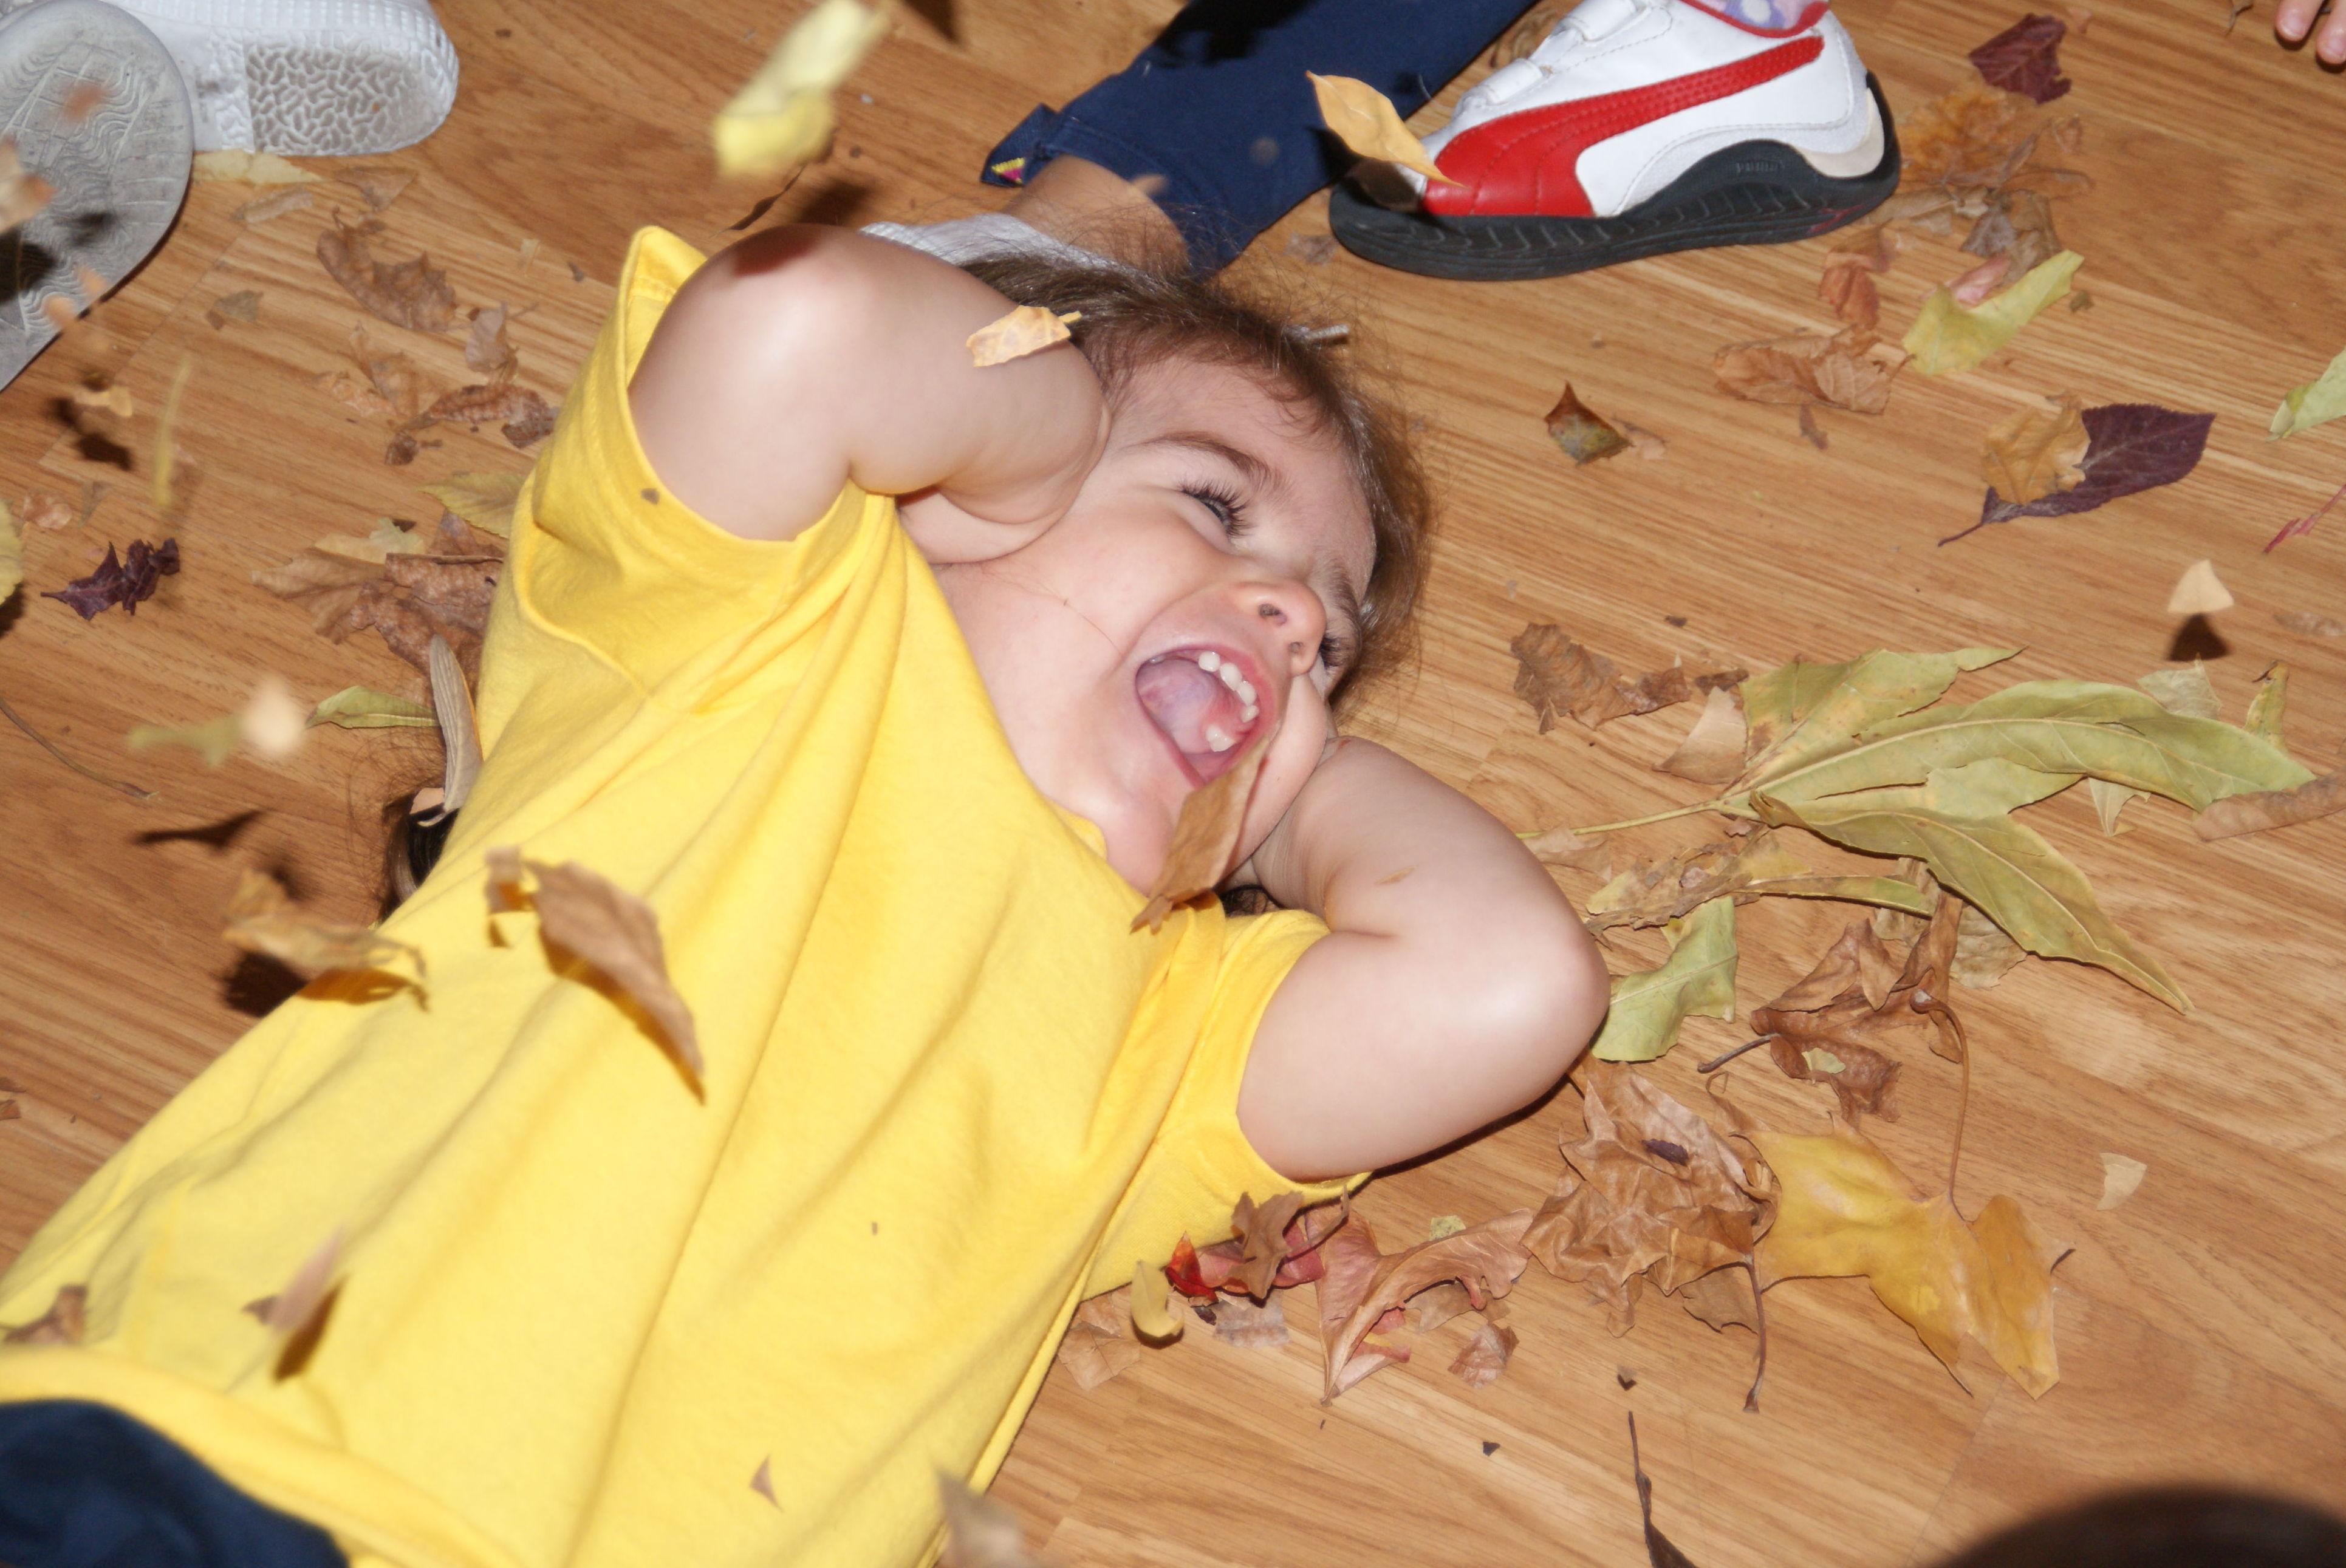 Foto 18 de Escuela infantil para niños de 0 a 3 años en Getafe | Escuela Infantil Bebines